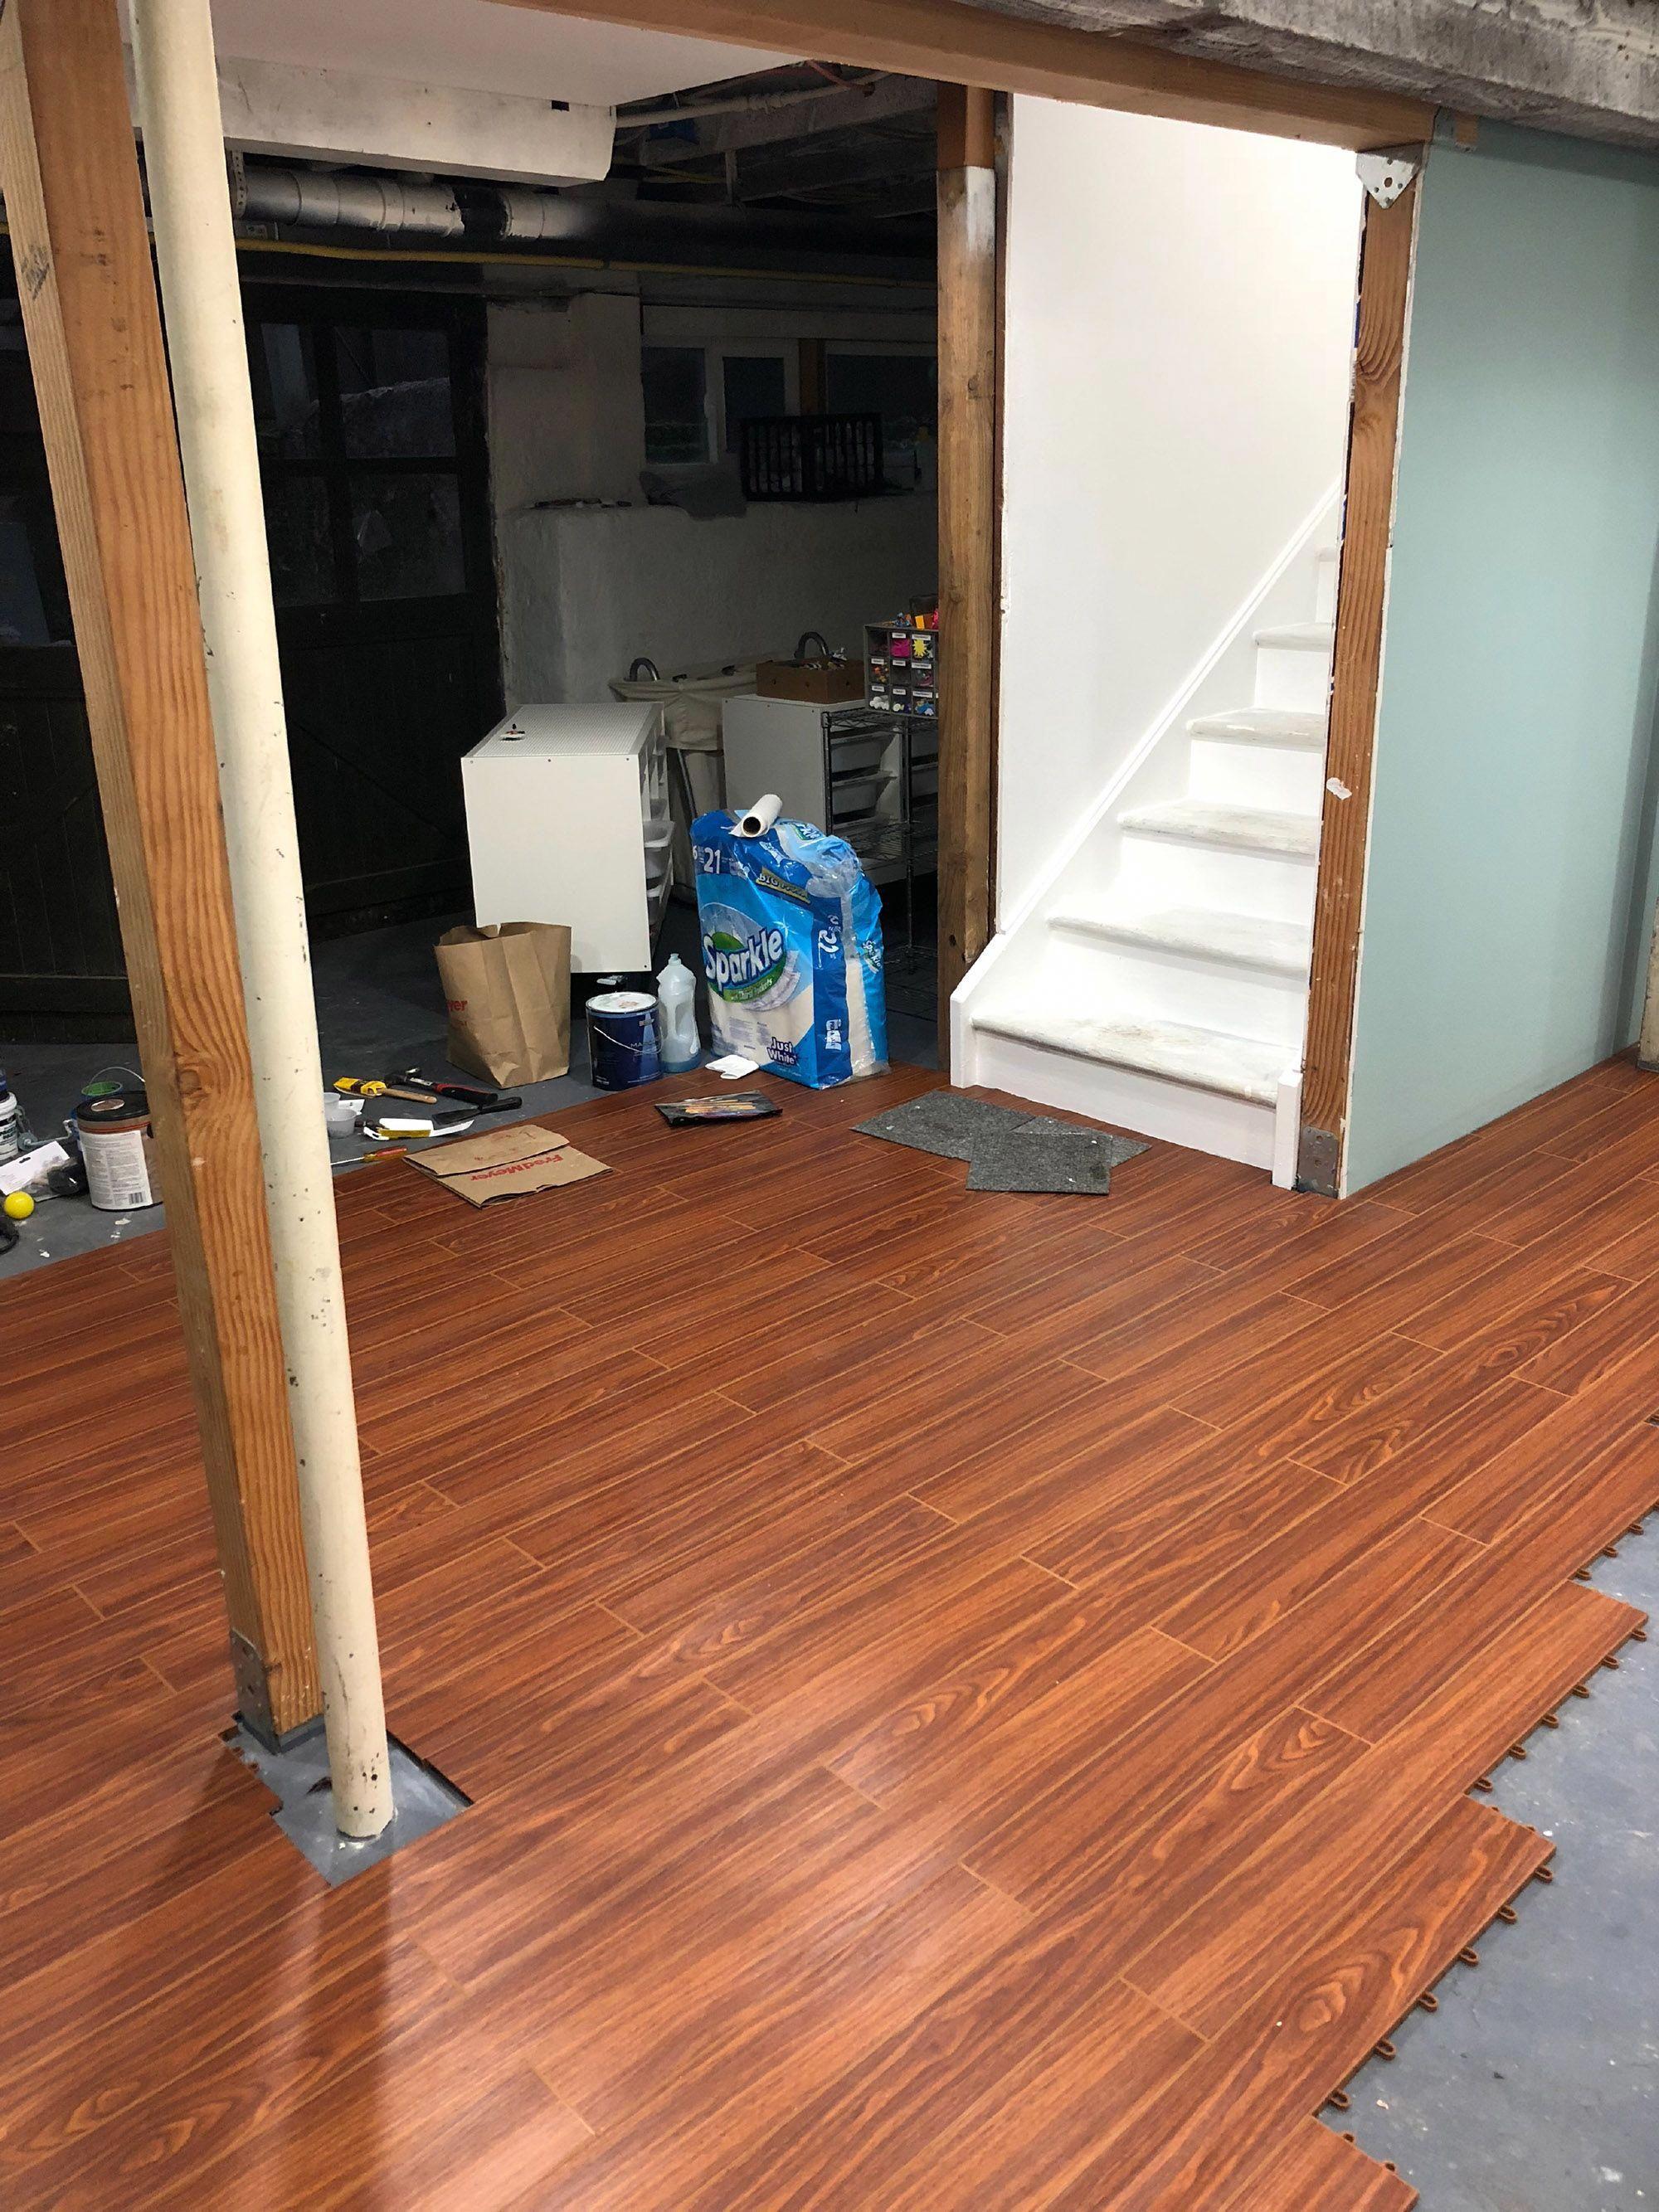 Plankflex Vinyl Wood Grain Plank Flooring Tiles Modular Floors Finishing Basement Basement Remodeling Floating Floor